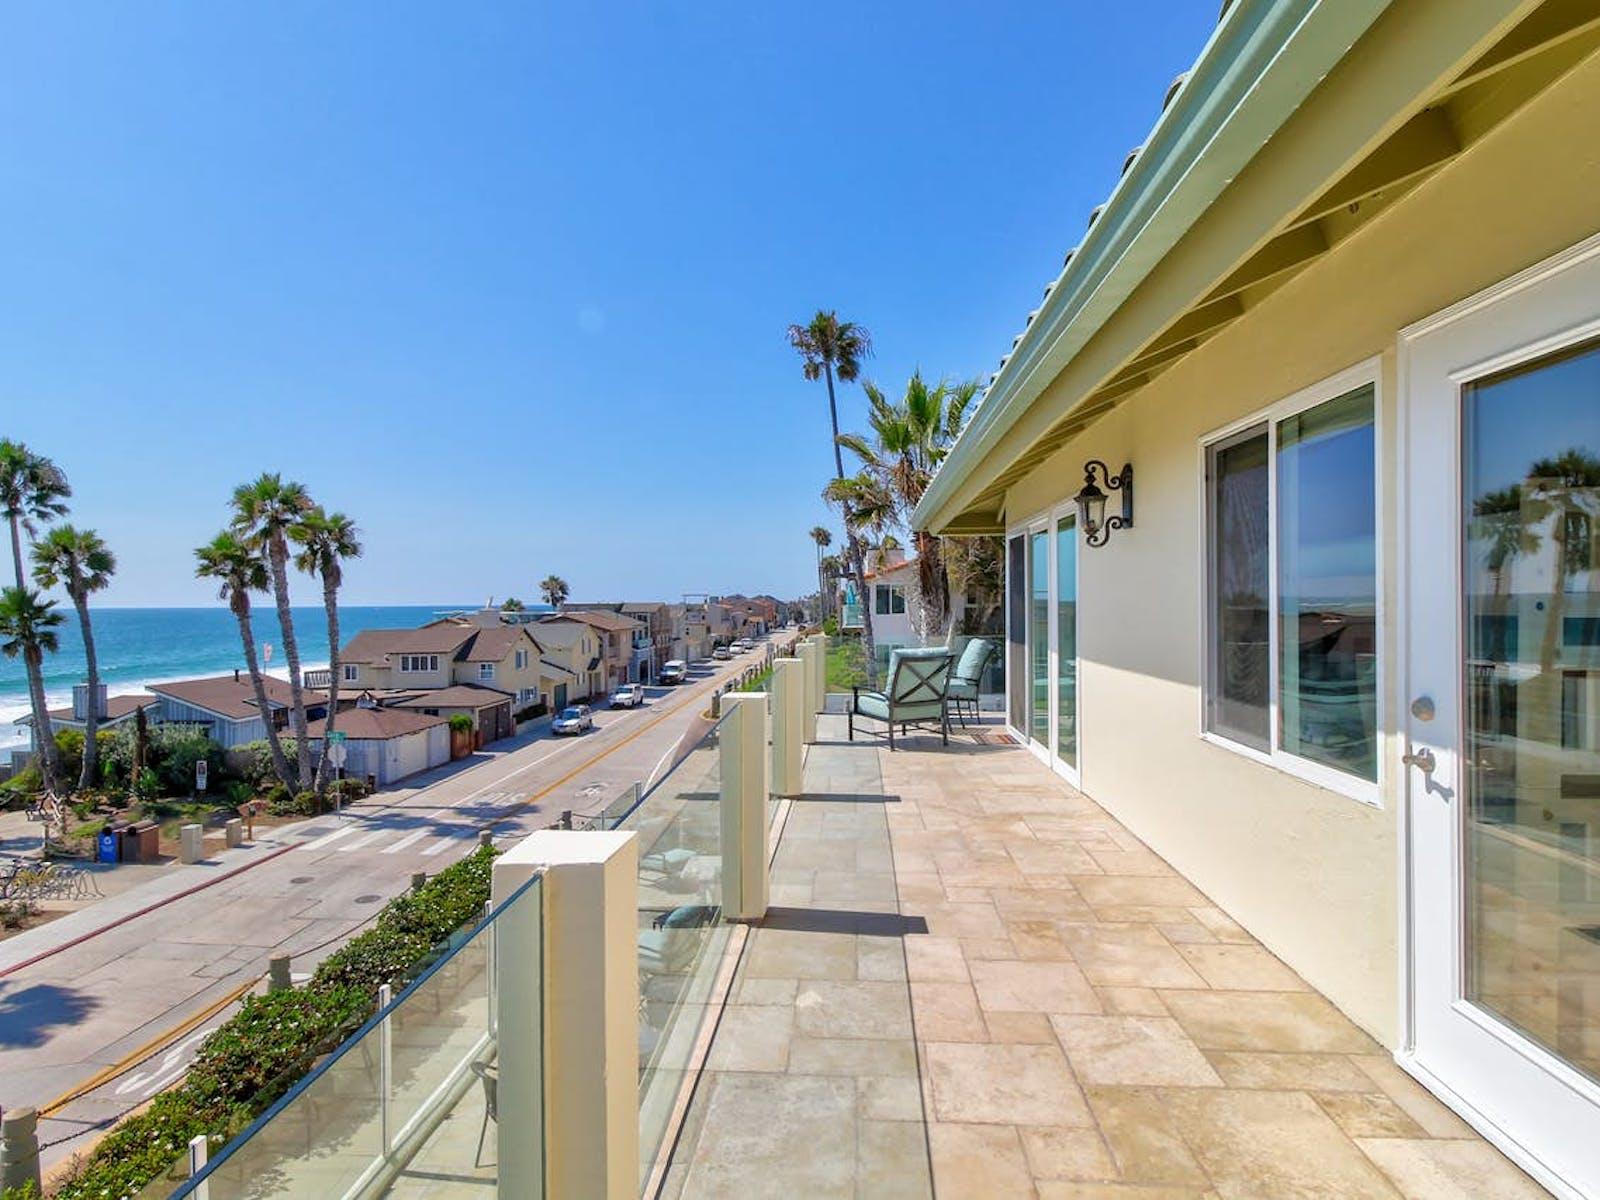 Blue skies and coastline of vacation rentals in Oceanside, CA